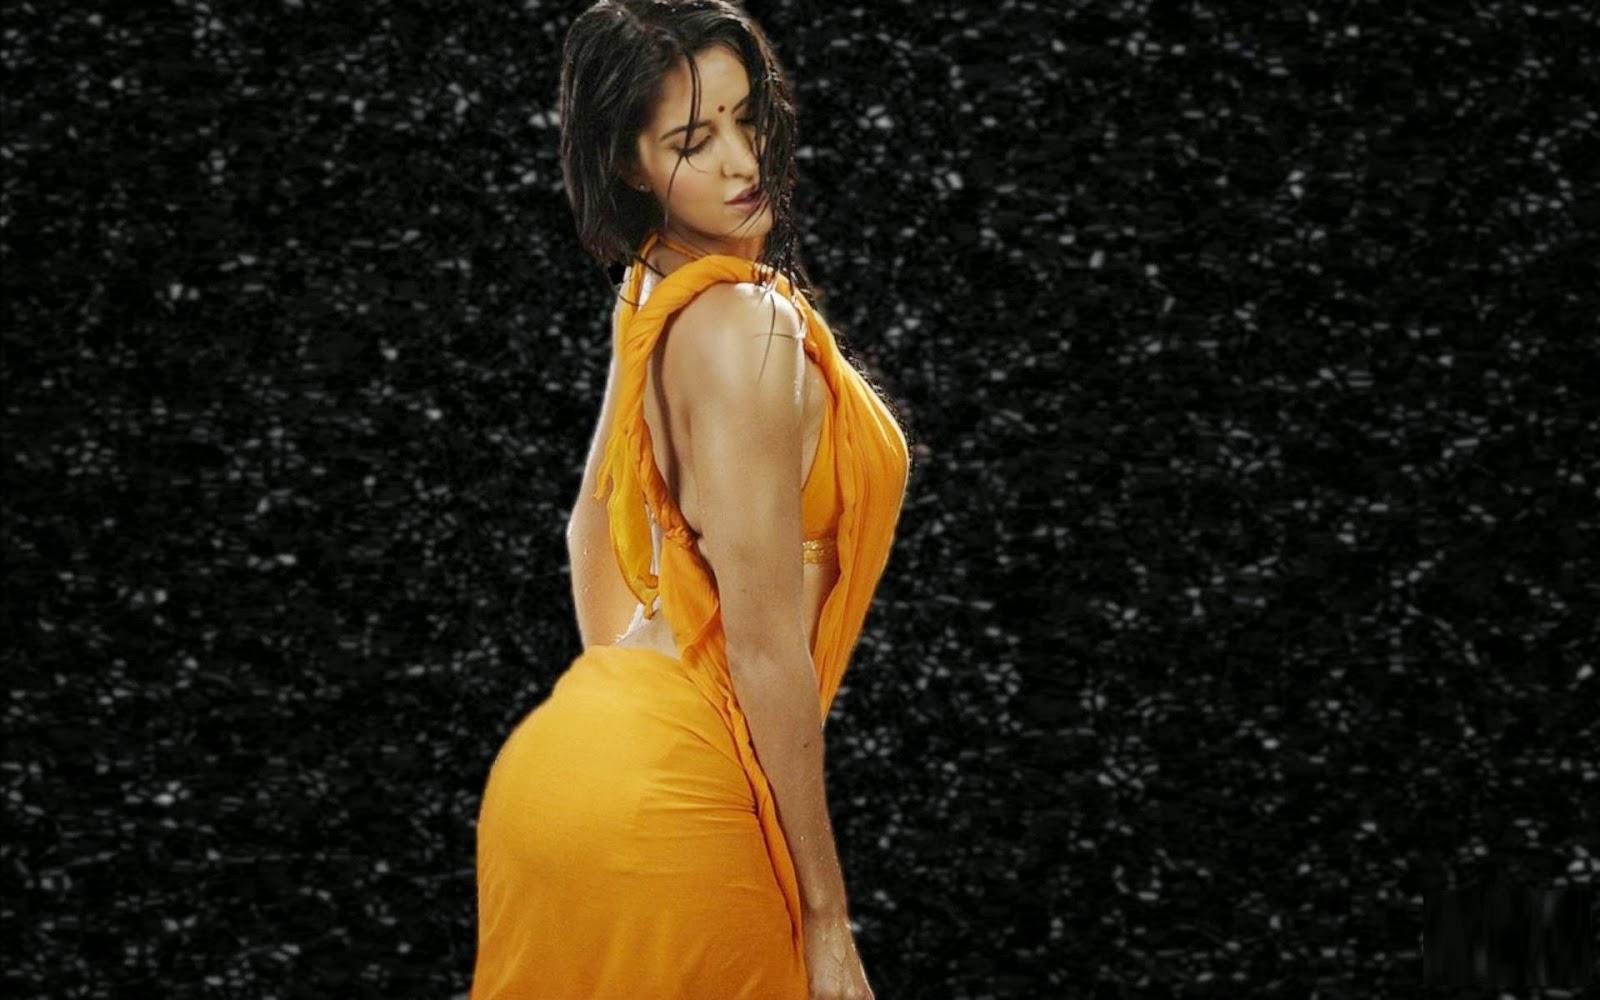 Katrina Kaif hot hd wallpapers collection